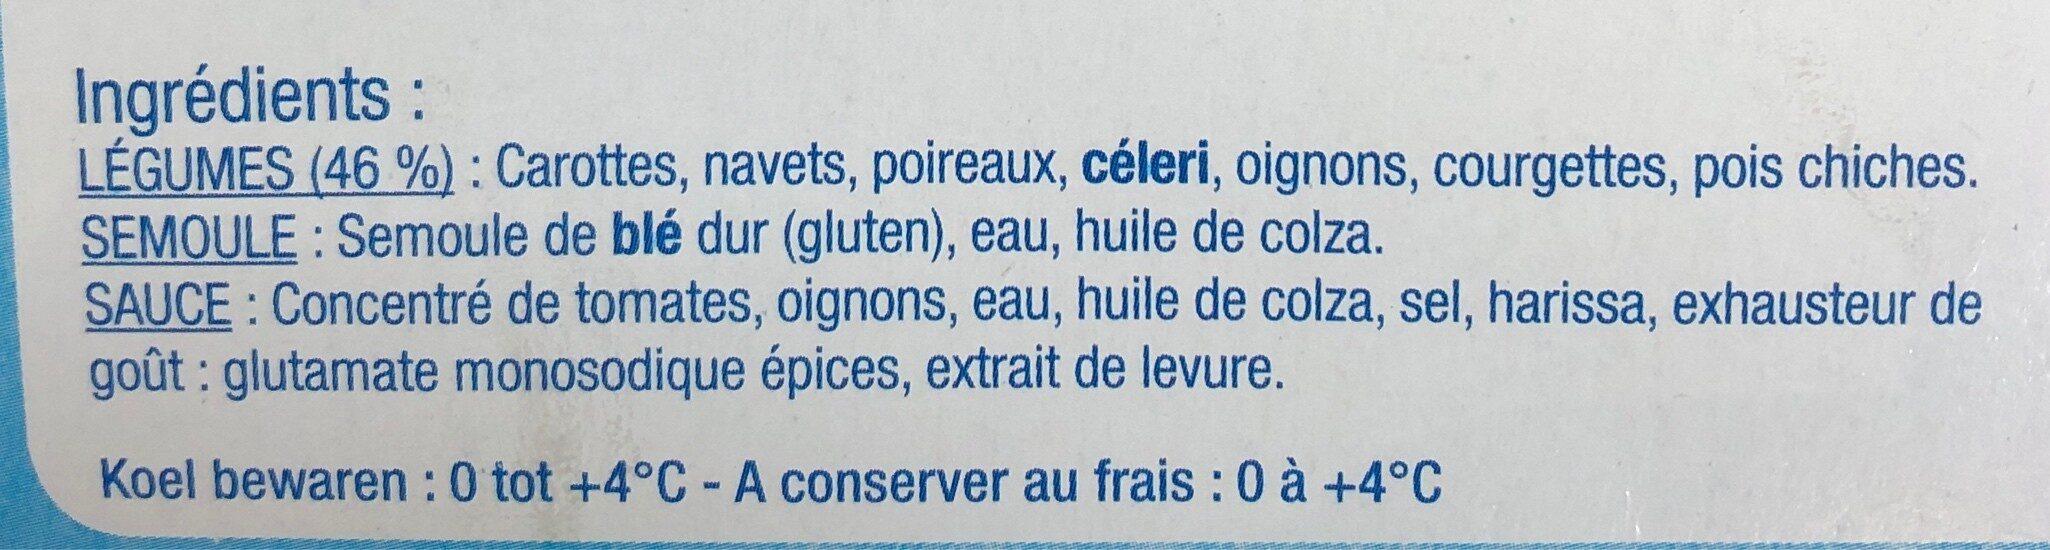 Couscous aux legumes frais - Ingrediënten - fr